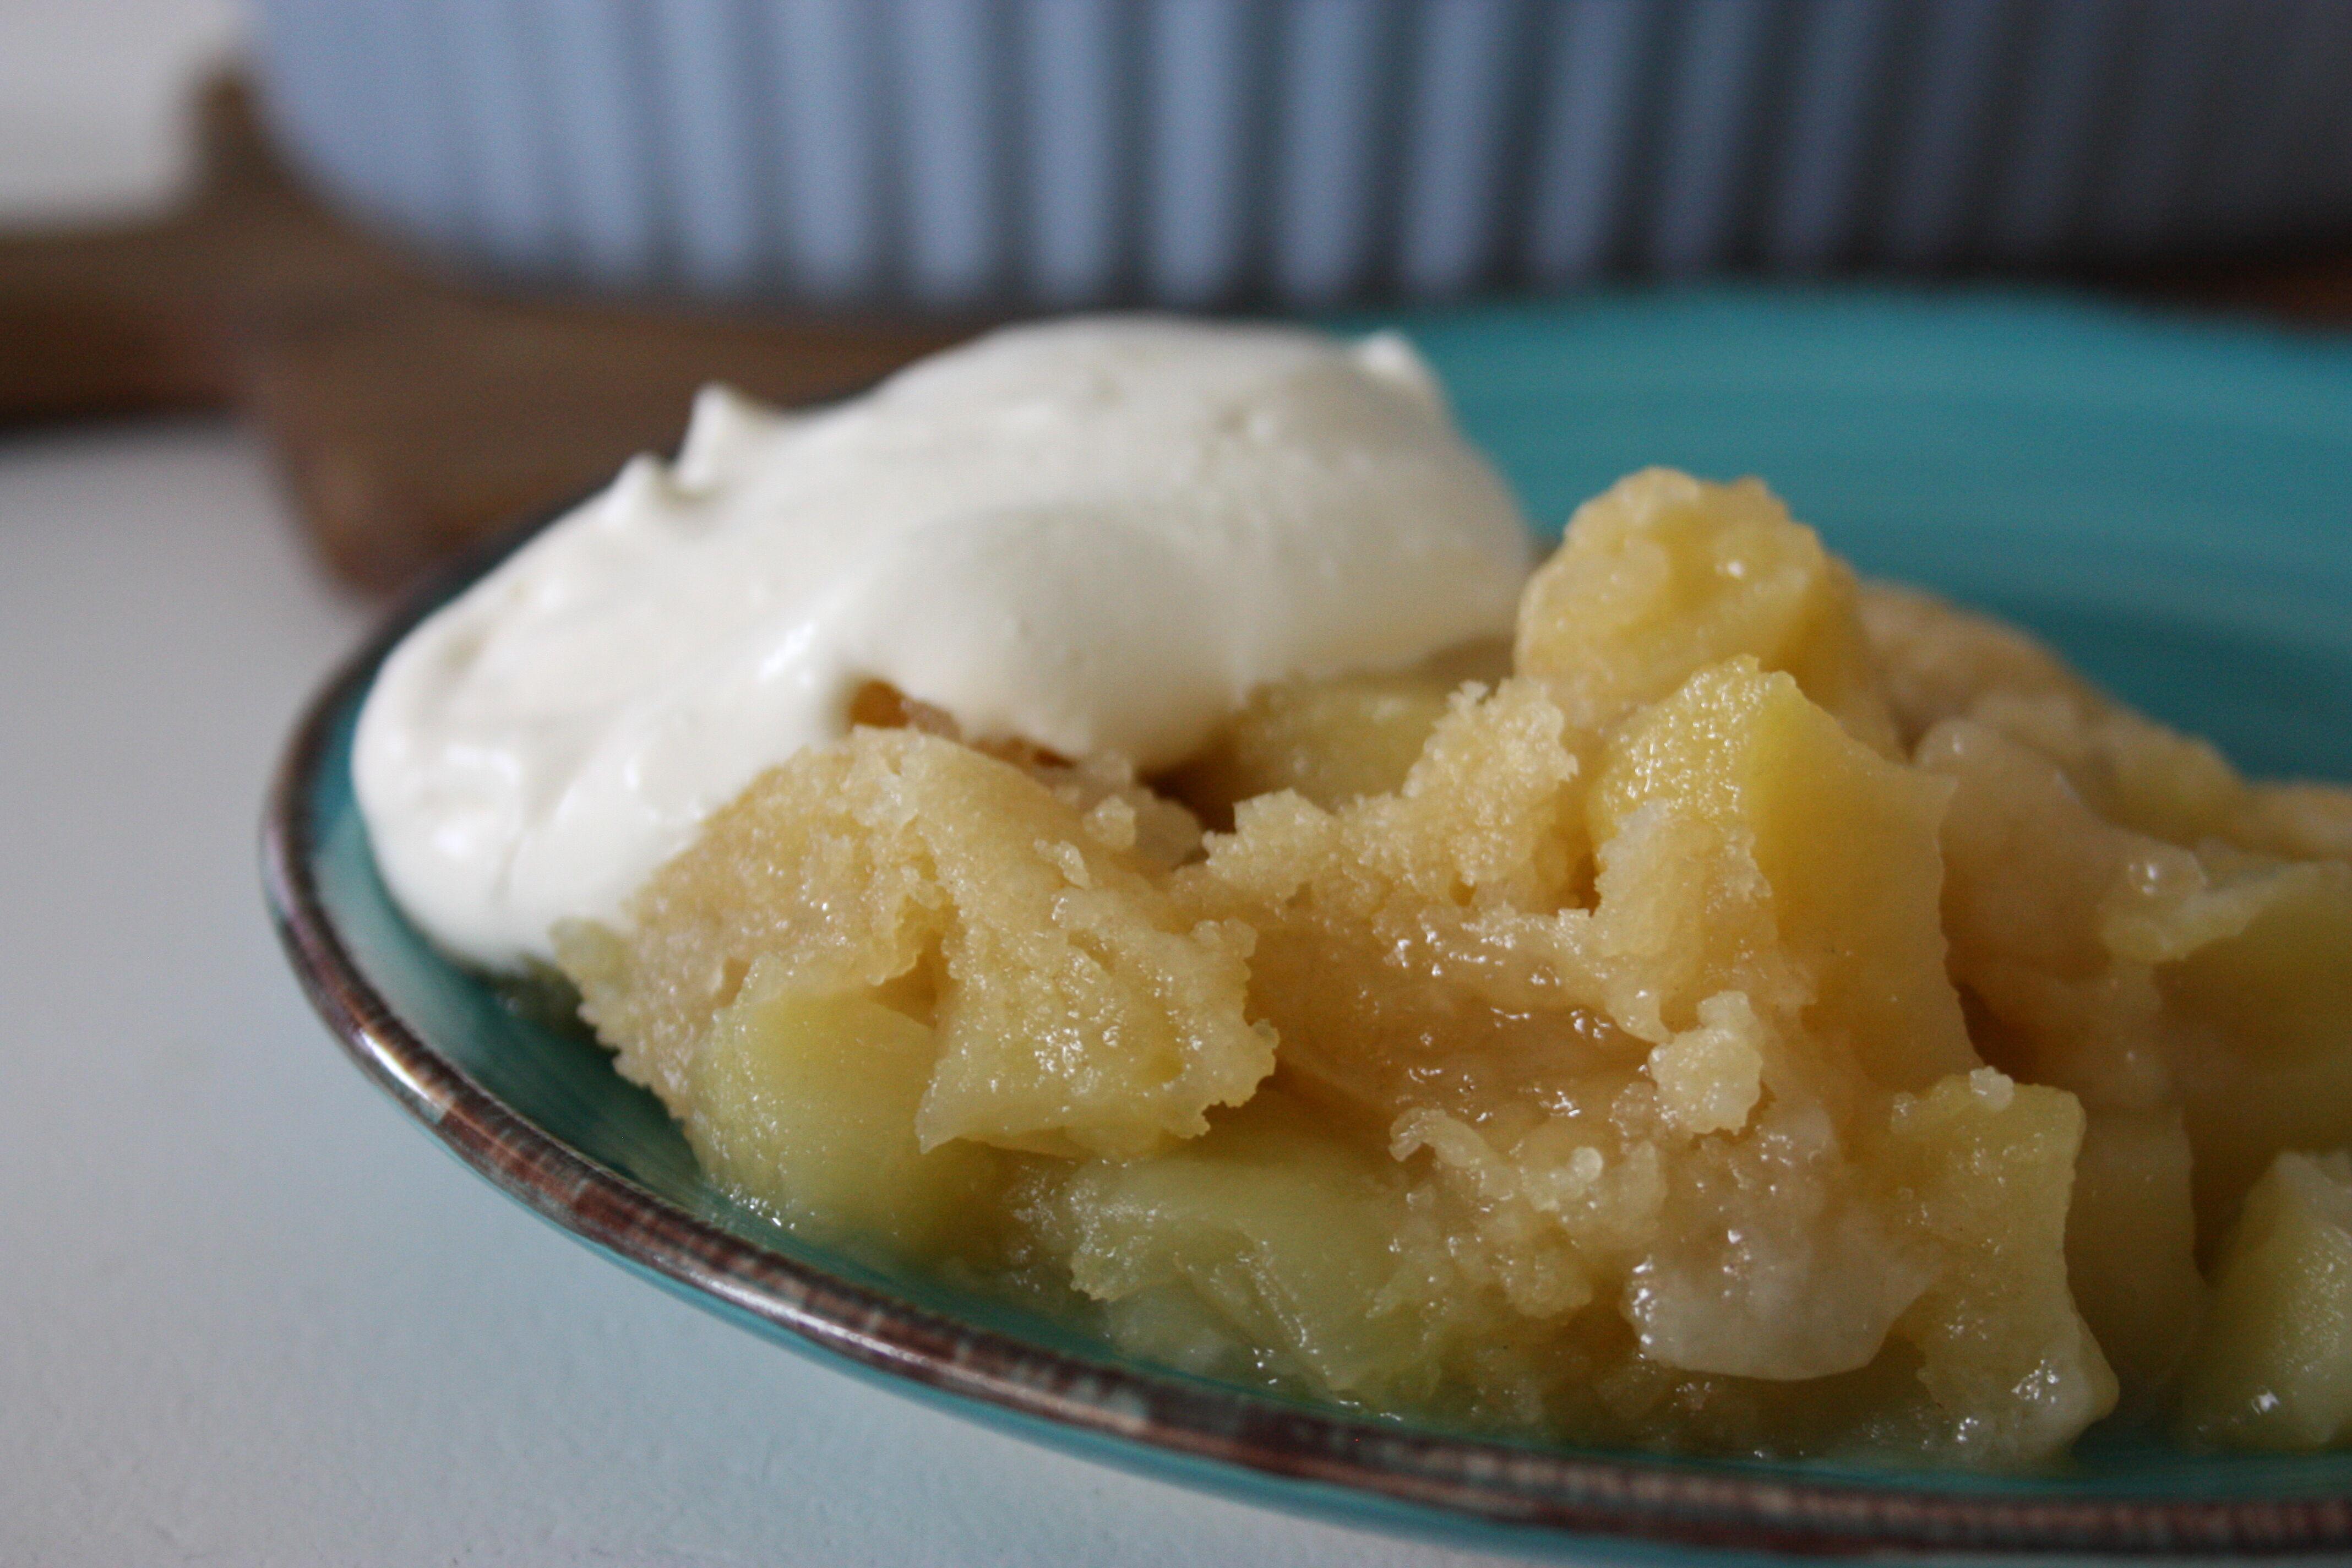 godaste äppelpajen smör